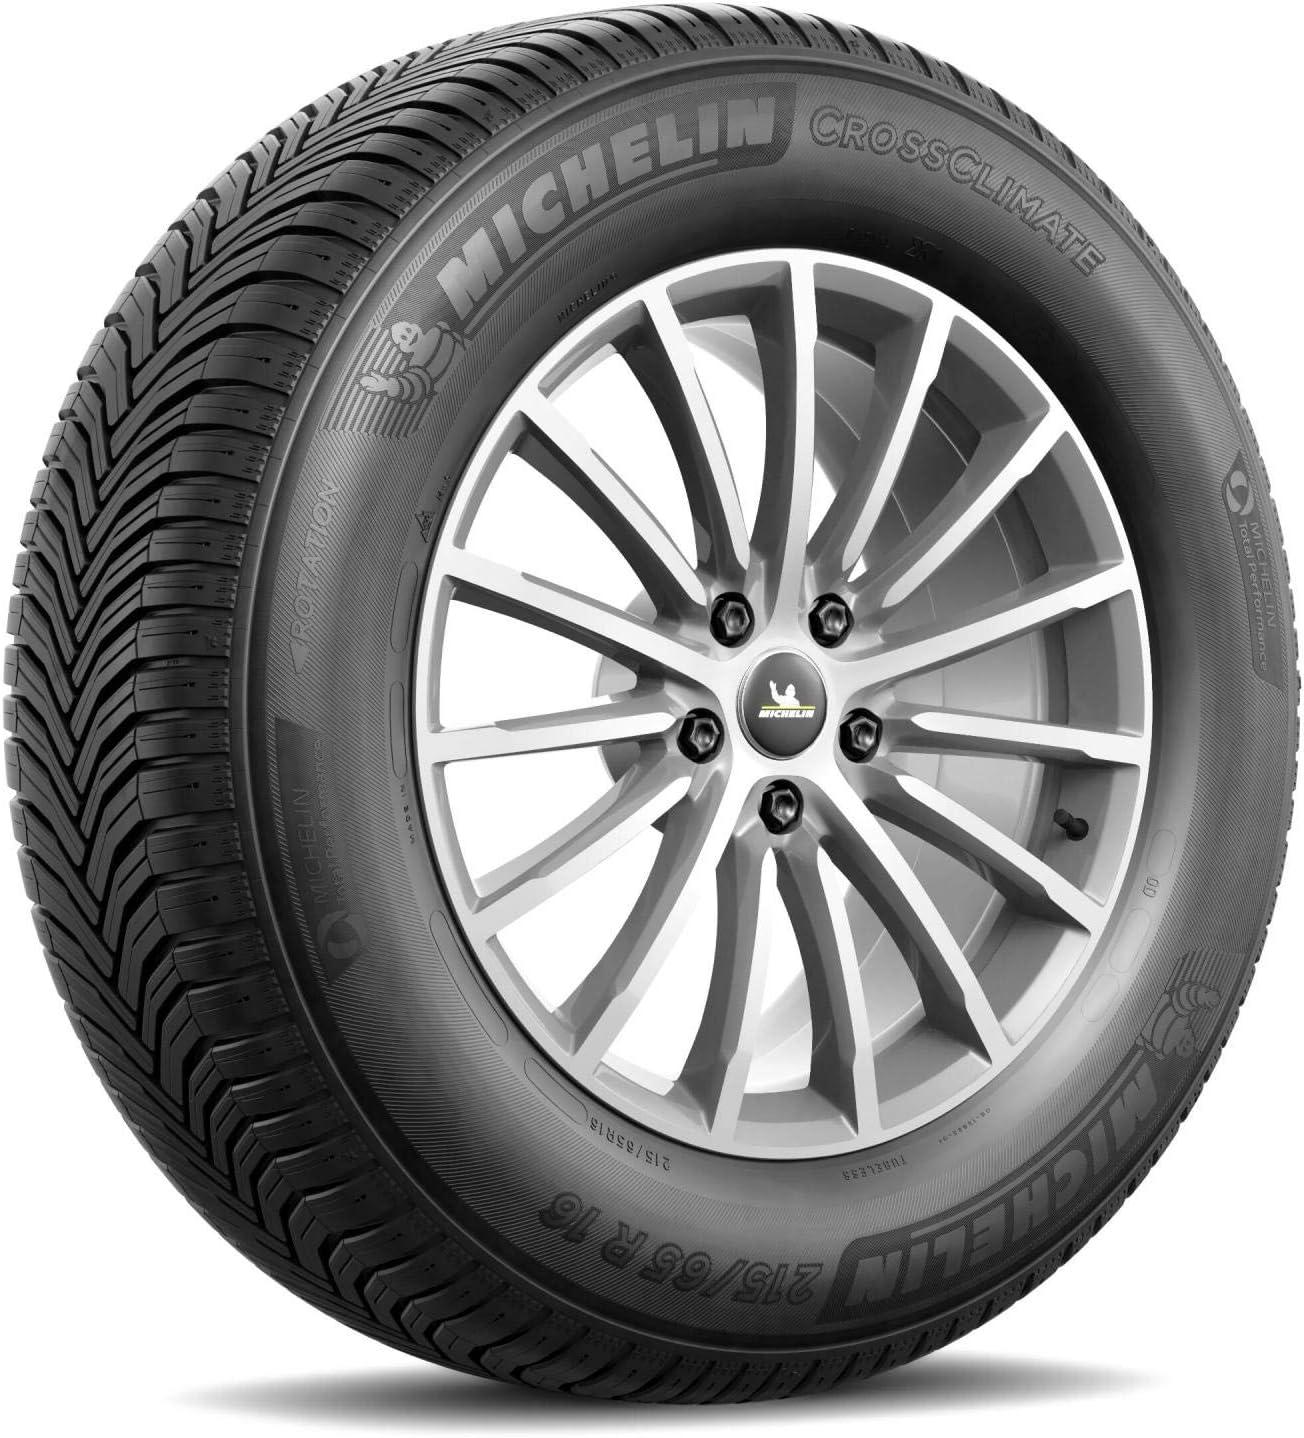 Reifen Alle Jahreszeiten Michelin Crossclimate 215 65 R16 102v Xl Auto